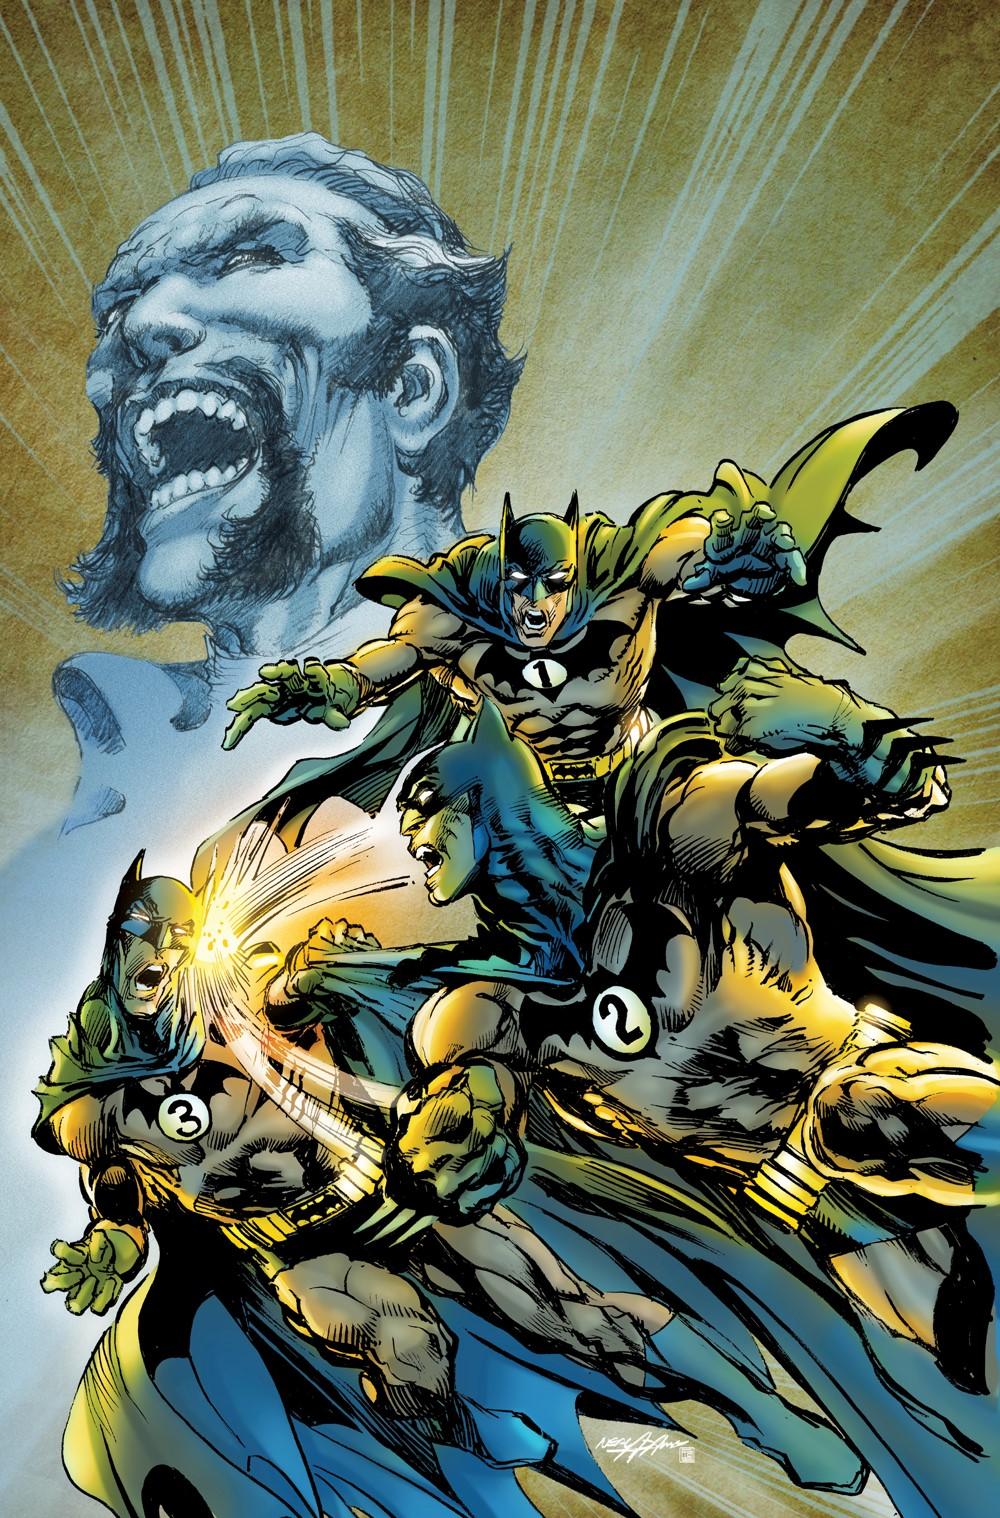 Batman-vs-Ras-al-Ghul-Trade DC Comics November 2021 Solicitations